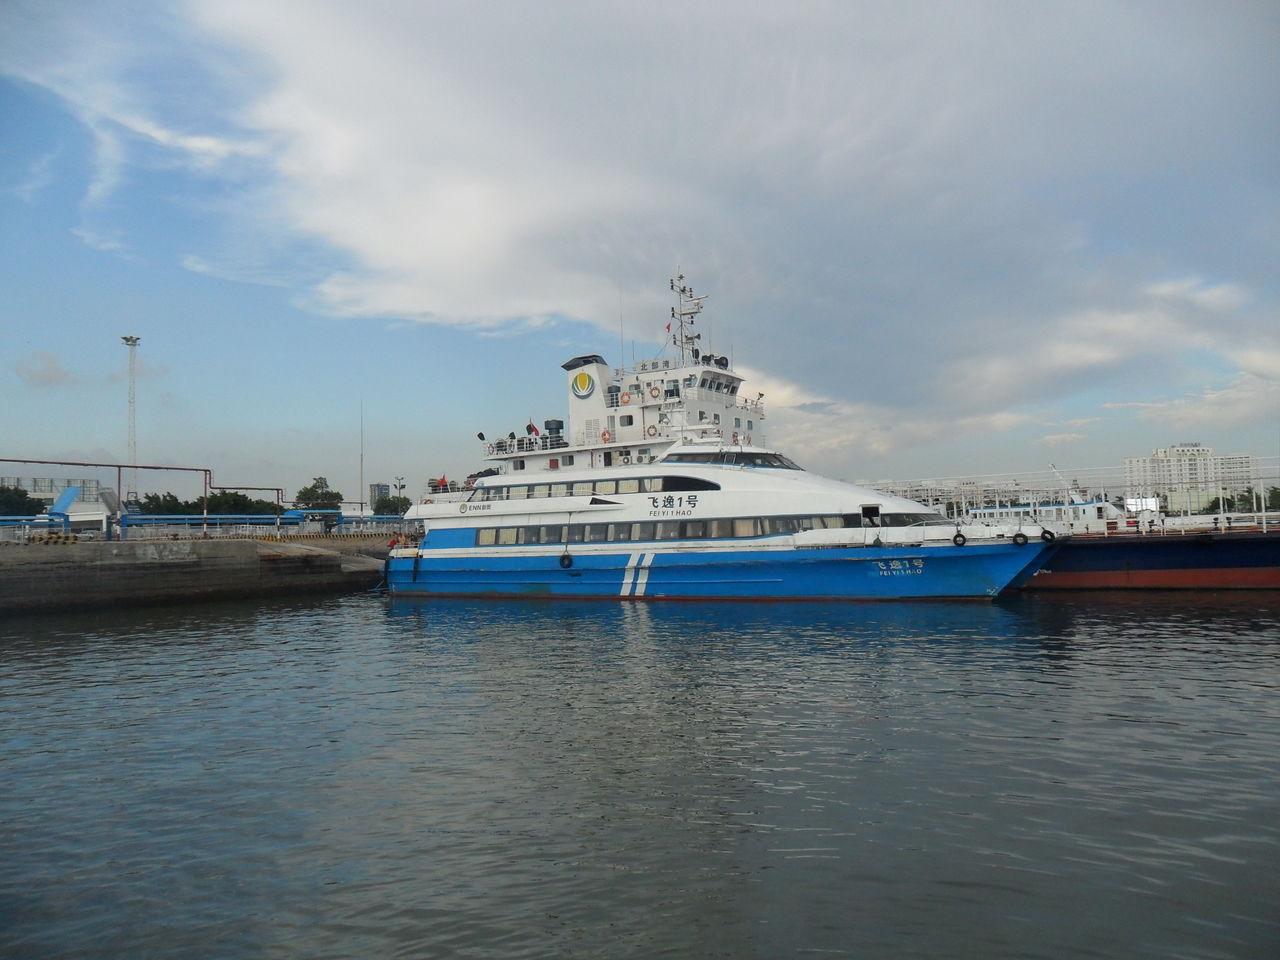 北海景点门票信息 > 涠洲岛船票预订/快船b等舱/单程